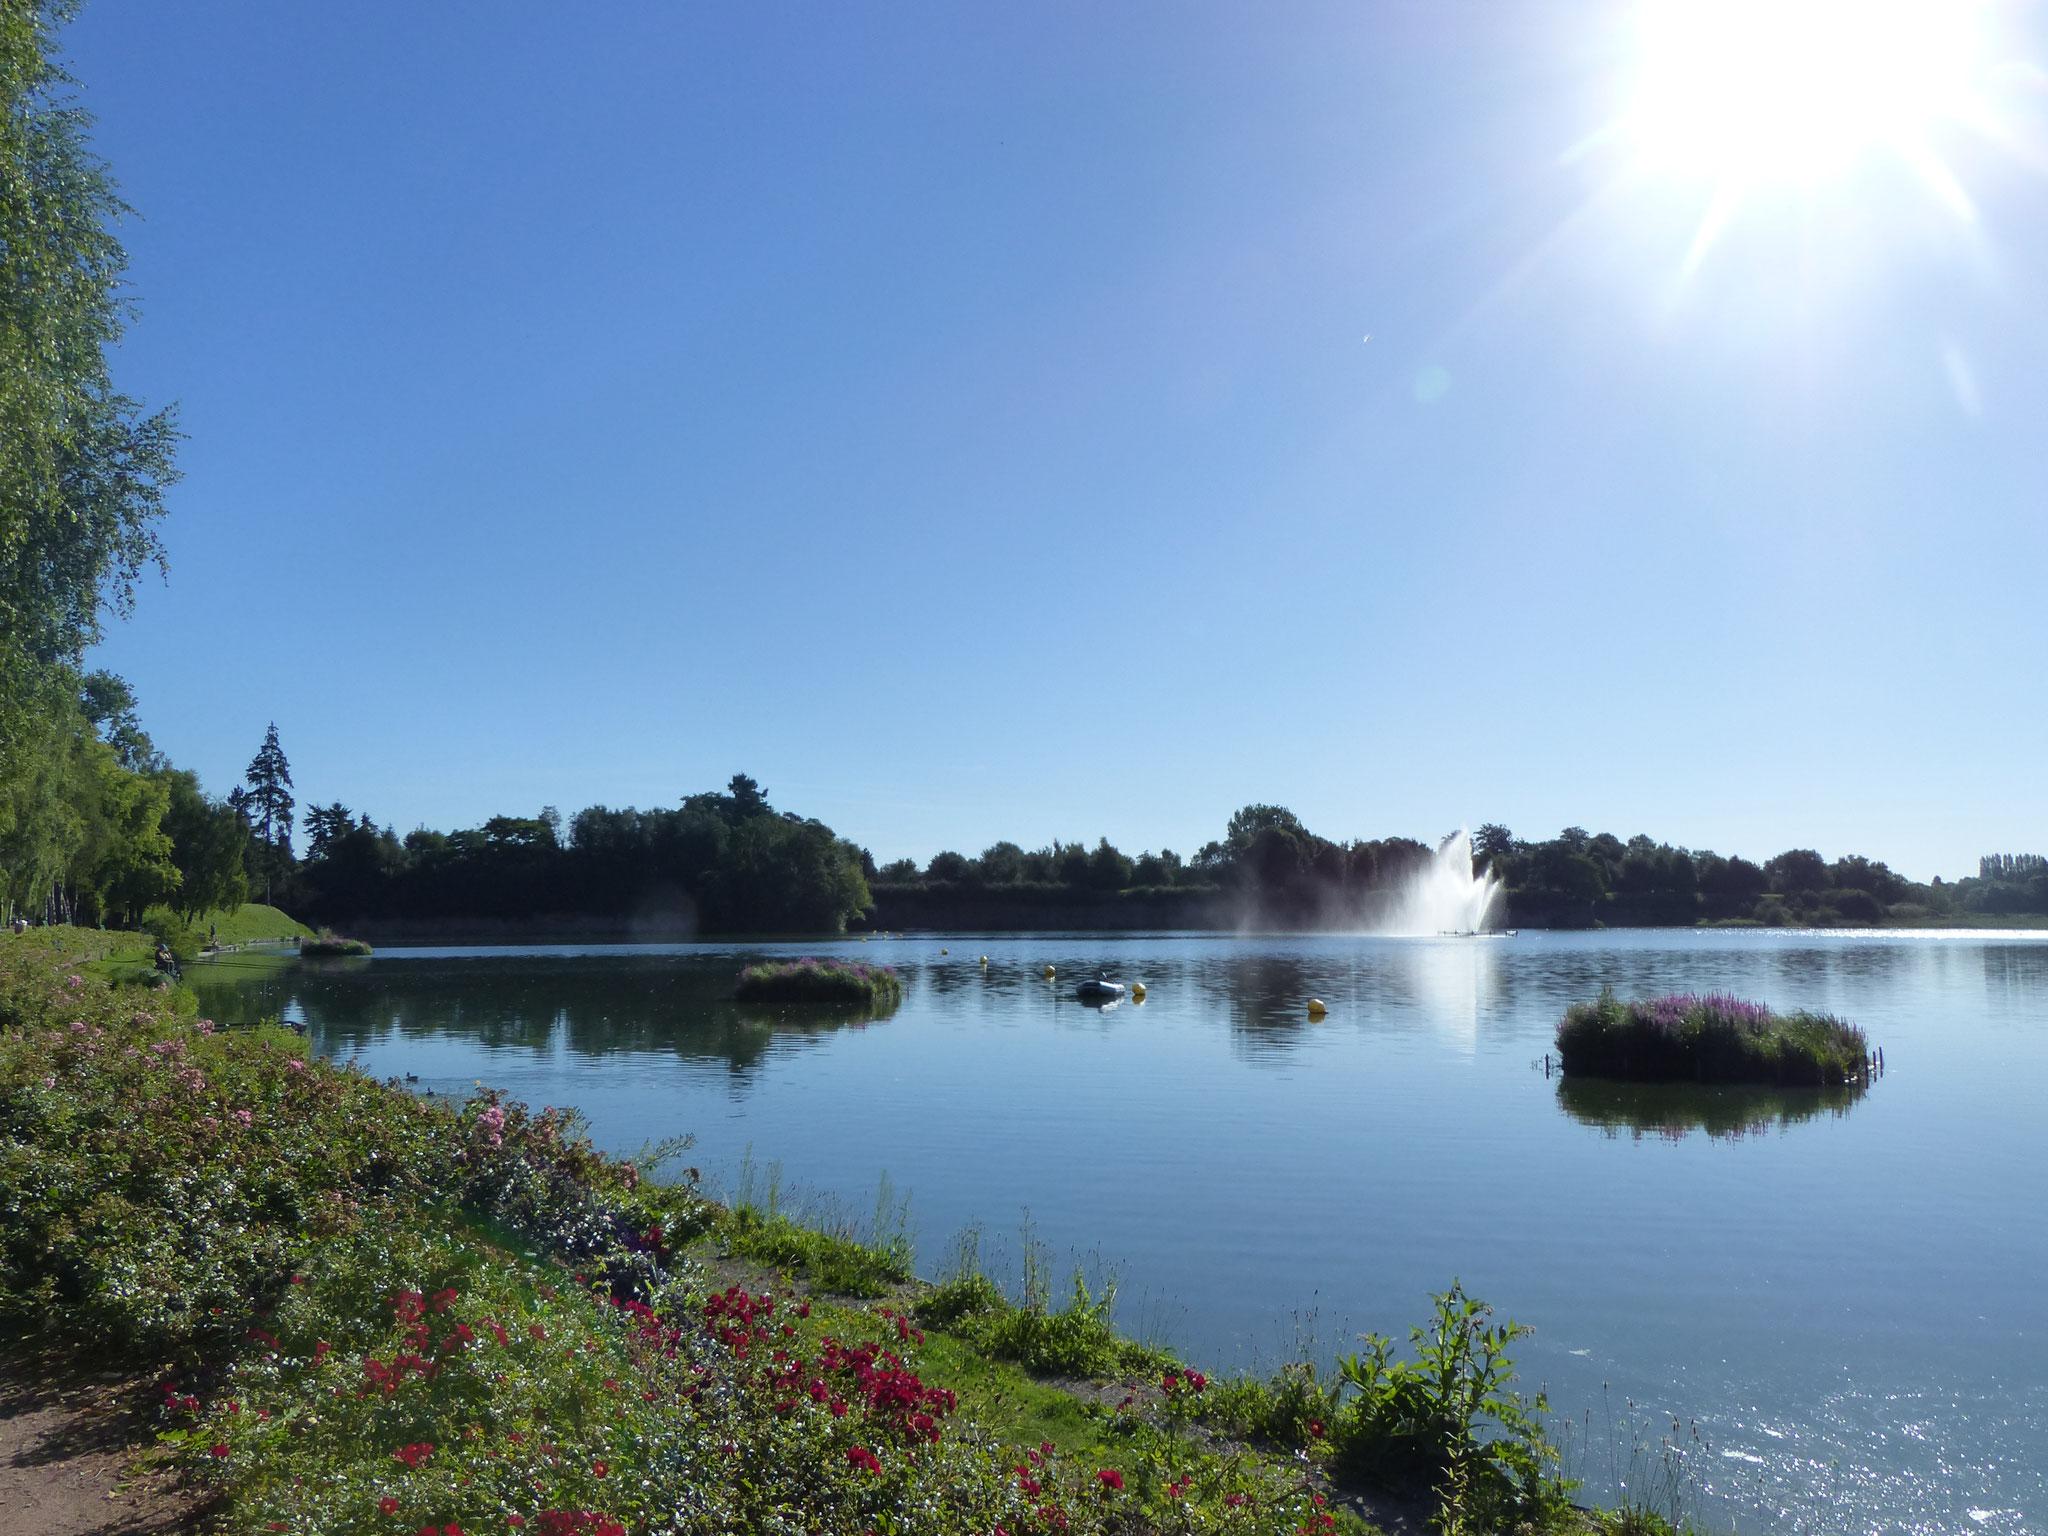 les îlots fleuris sur l'Etang de 12 hectares